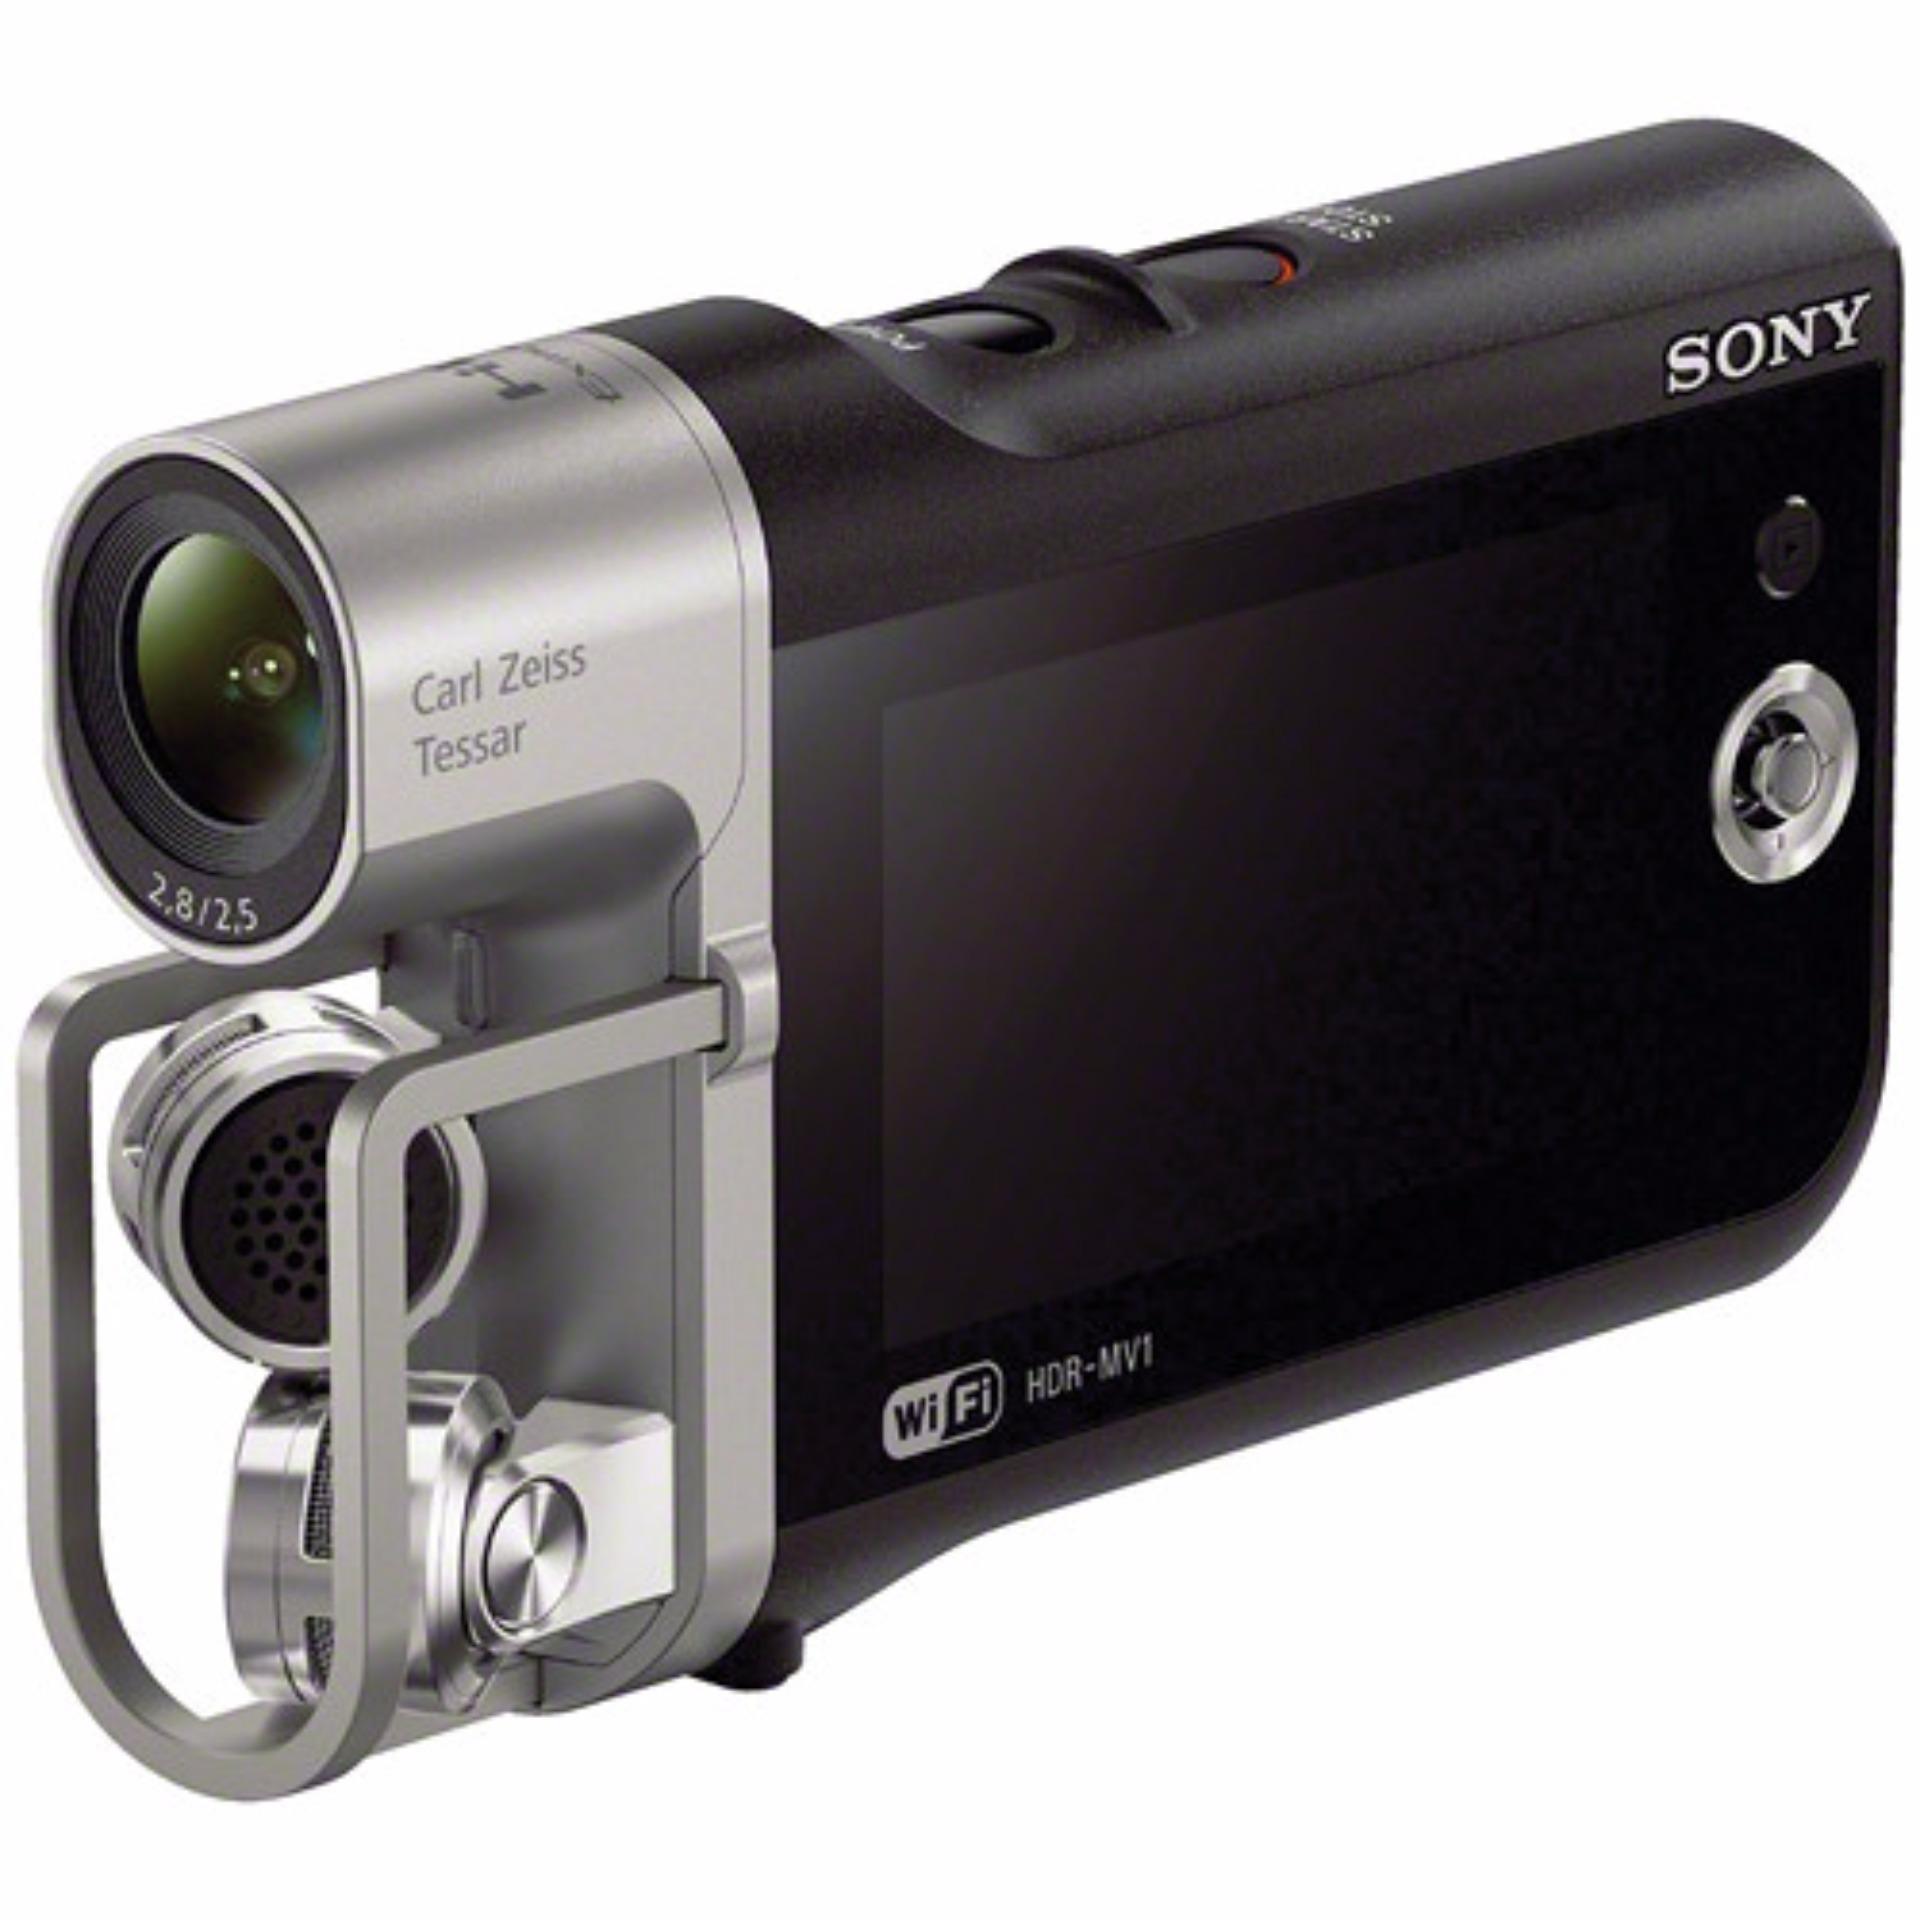 Pelacakan Harga Sony Hdr Mv1 Music Camcorder Hitam Penawaran Bagus Fdr Ax40 Garansi Resmi